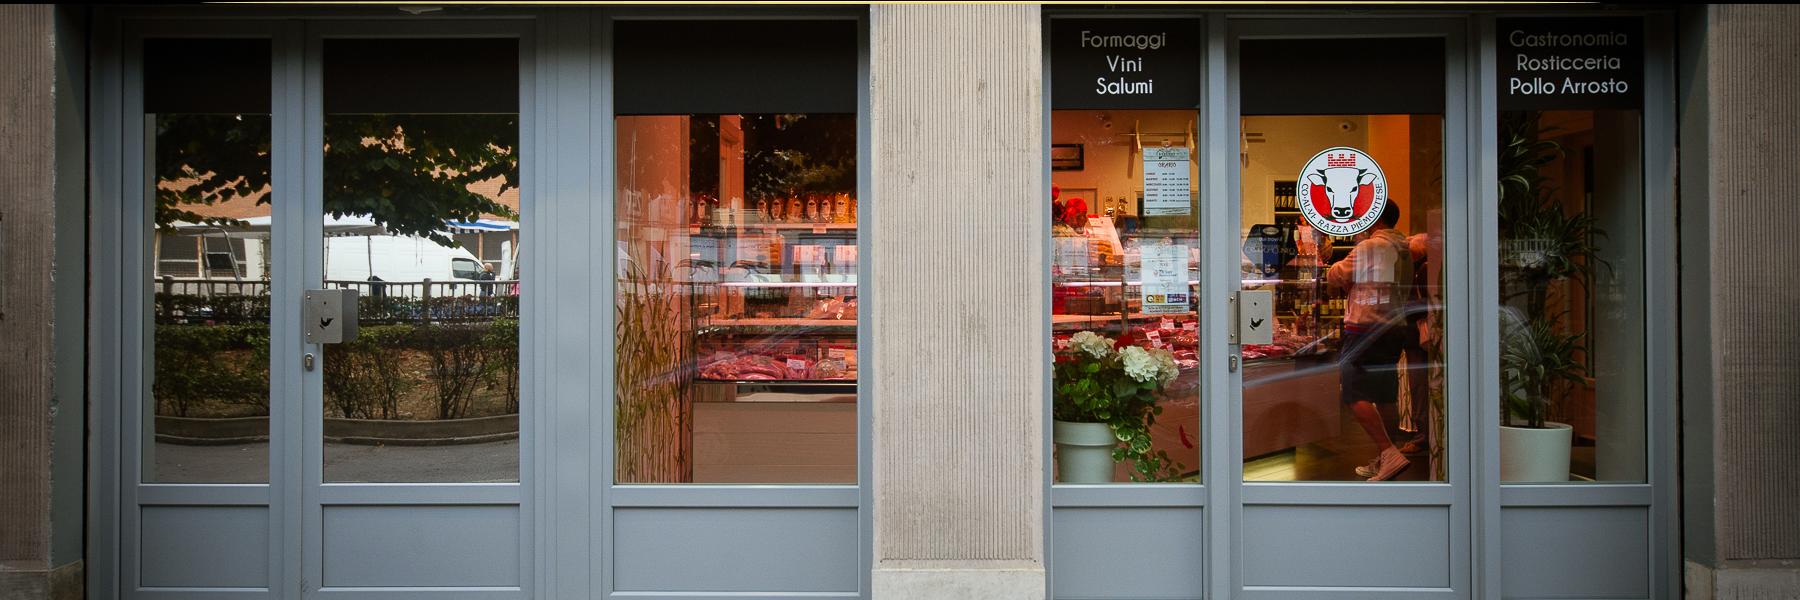 negozio_esterno